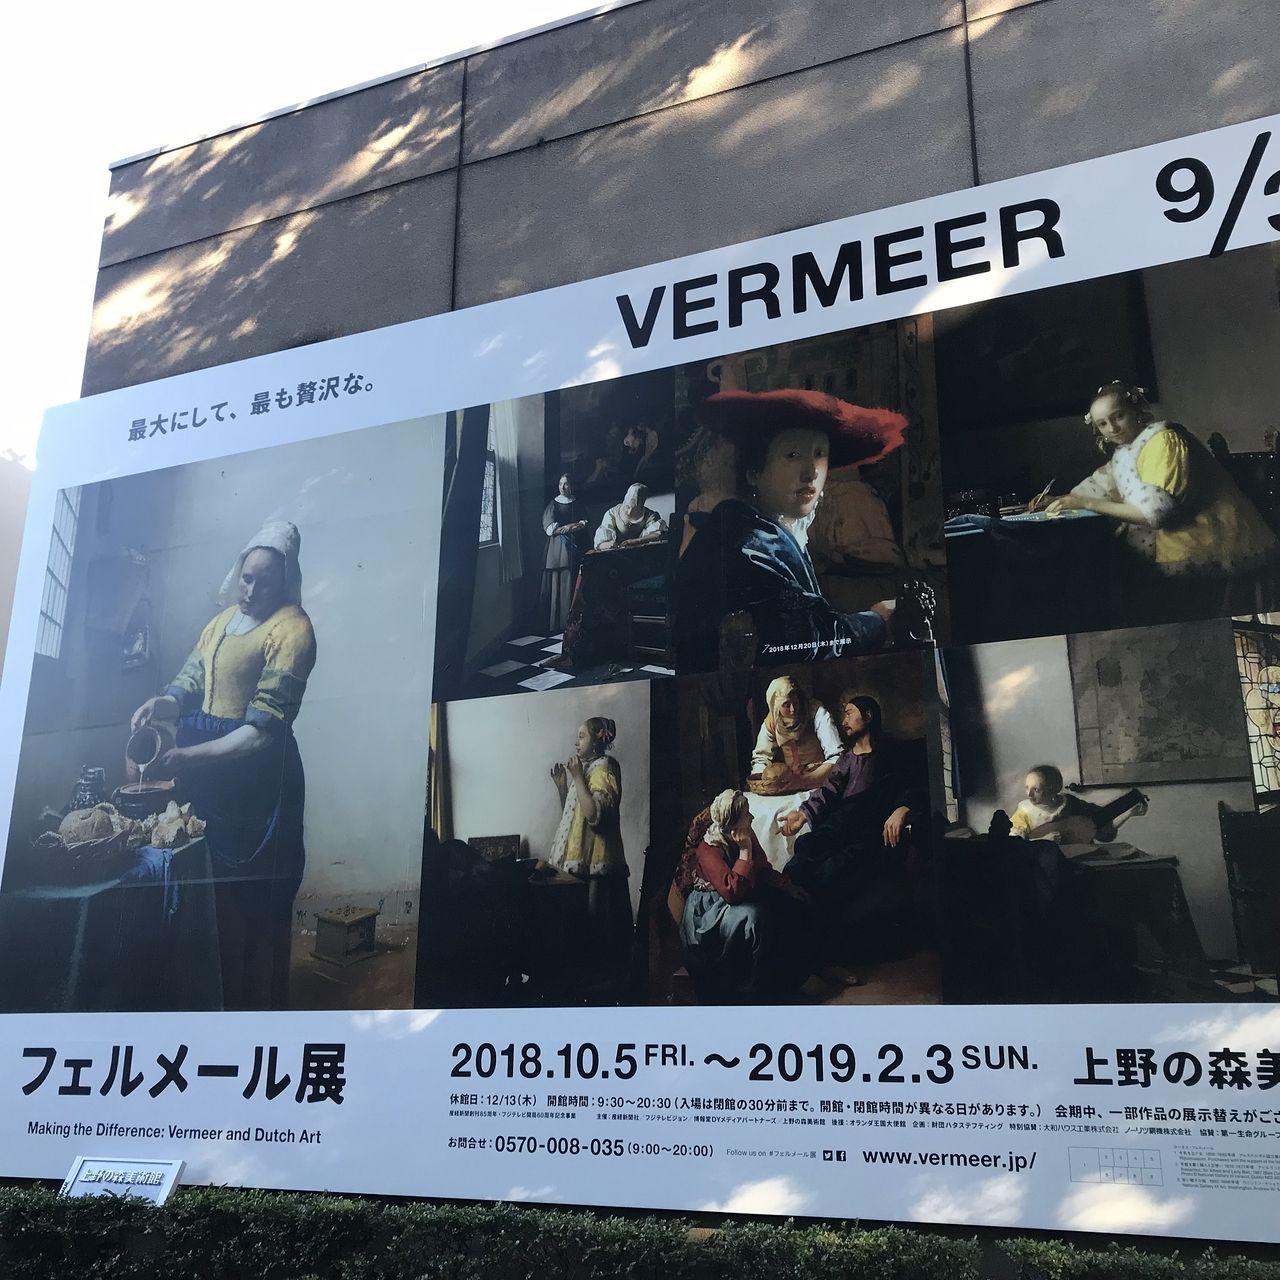 上野で開催されているフェルメール展に行って来ました。